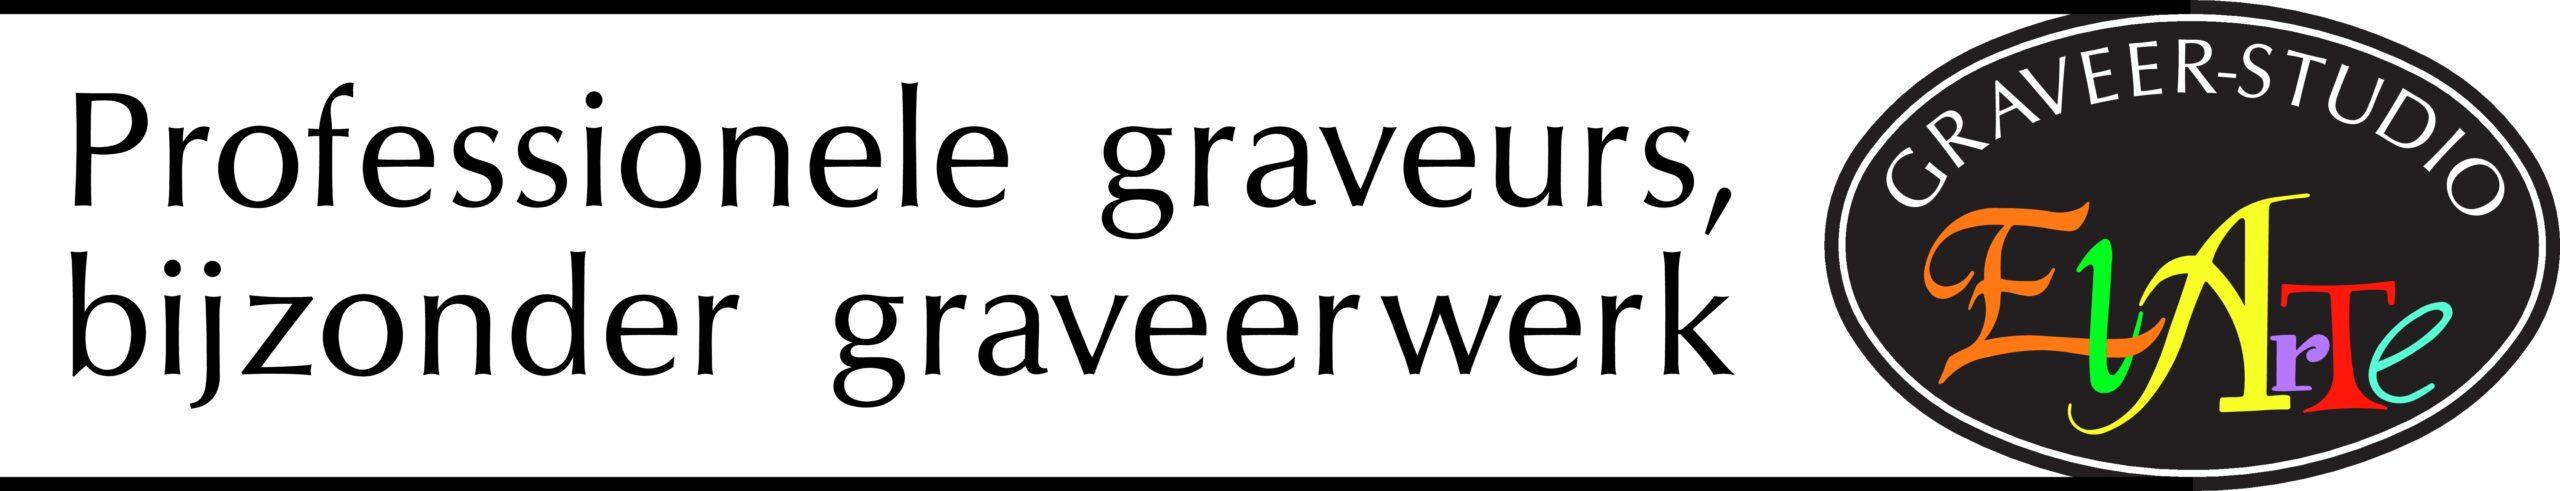 El Arte - Professionele graveurs, bijzonder graveerwerk